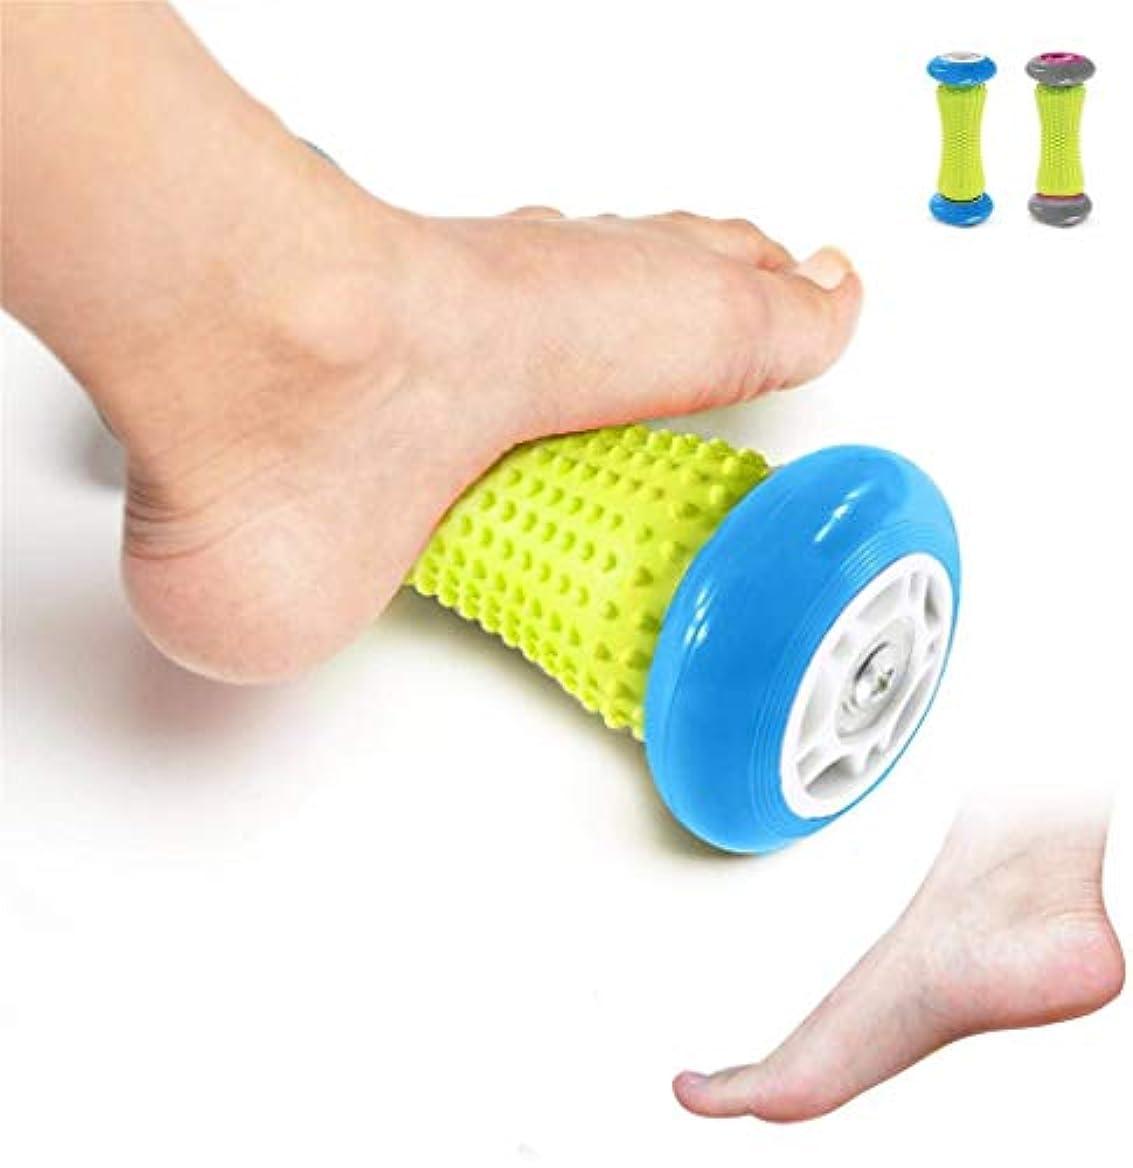 突進群れ治療フットマッサージローラー - 筋肉ローラースティック - 足底筋膜炎のための手首と前腕運動ローラー (Color : 青)